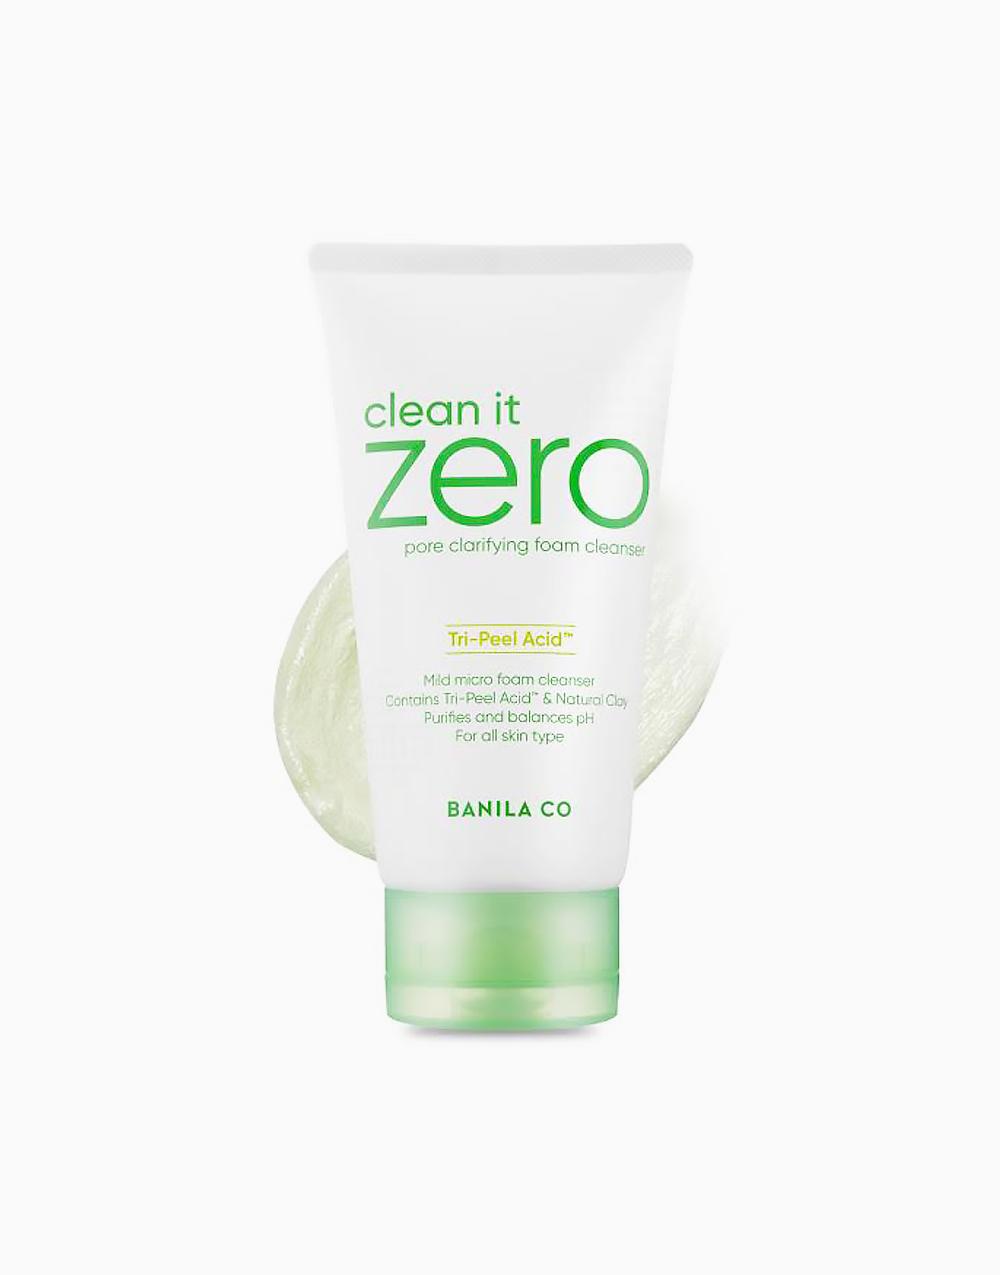 Clean It Zero Pore Clarifying Foam Cleanser by Banila Co.